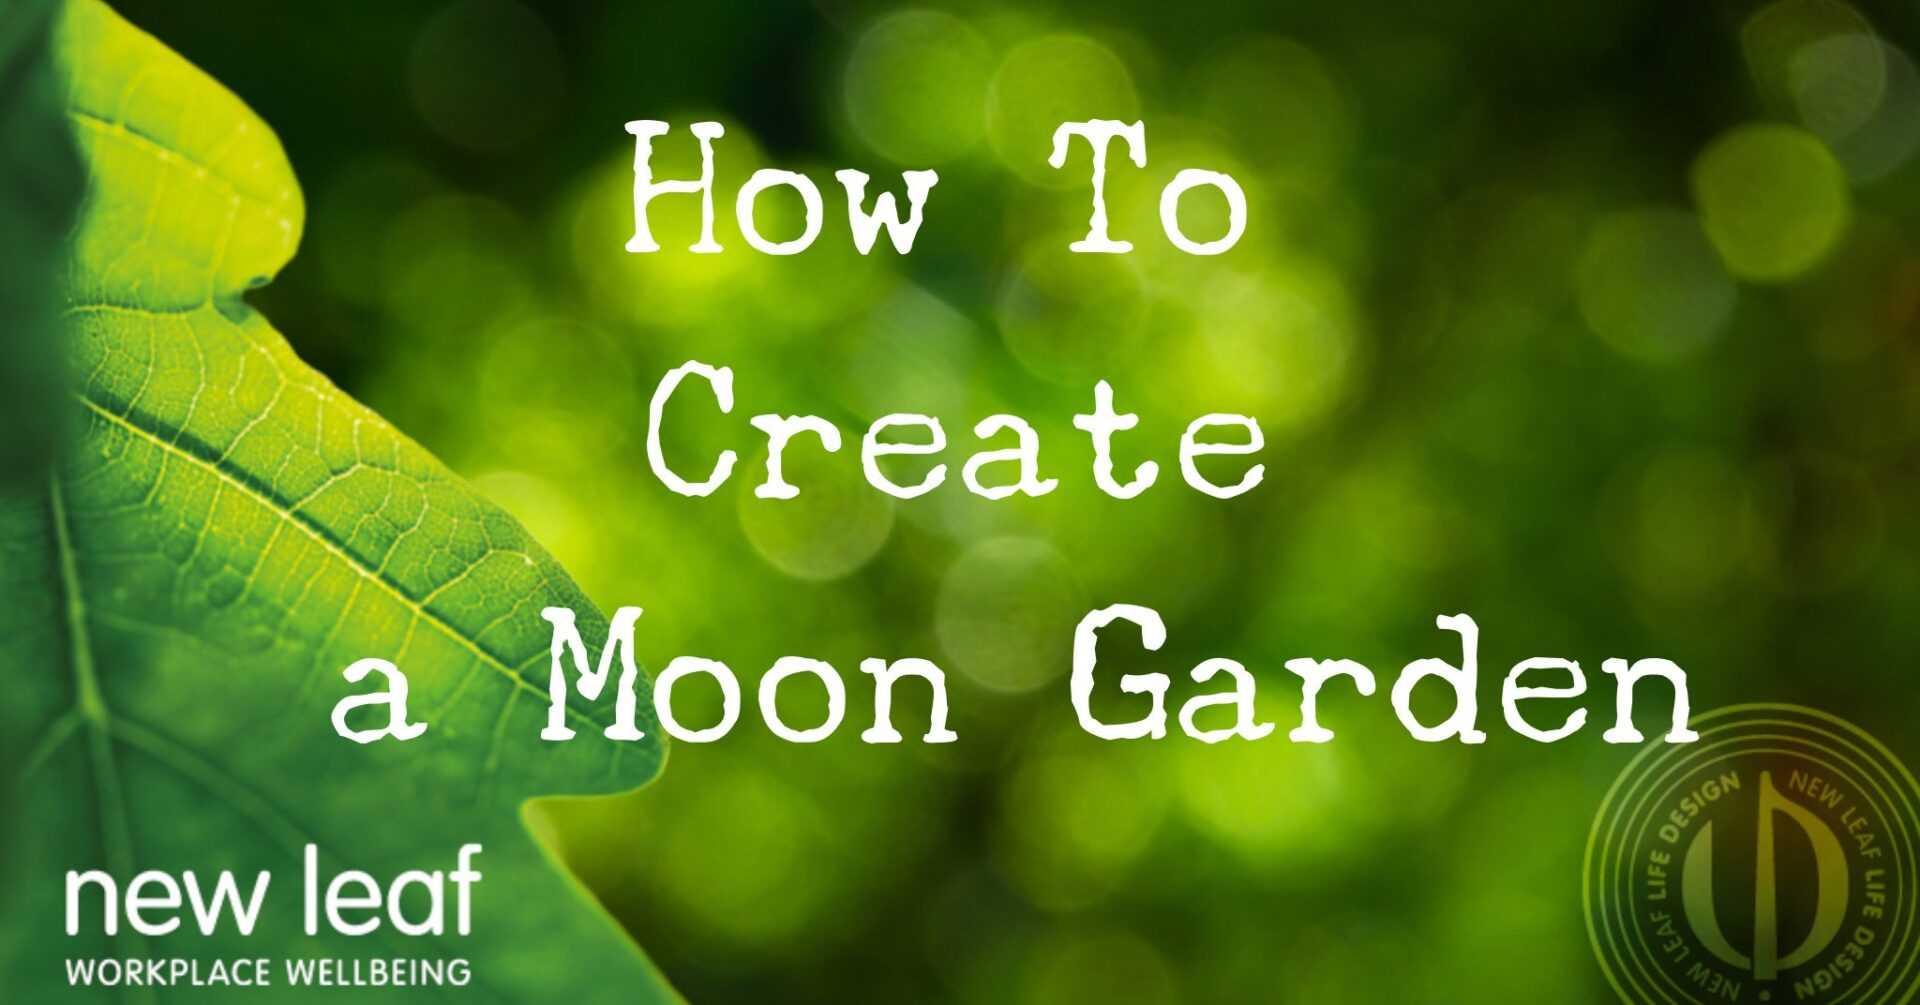 How To Create A Moon Garden